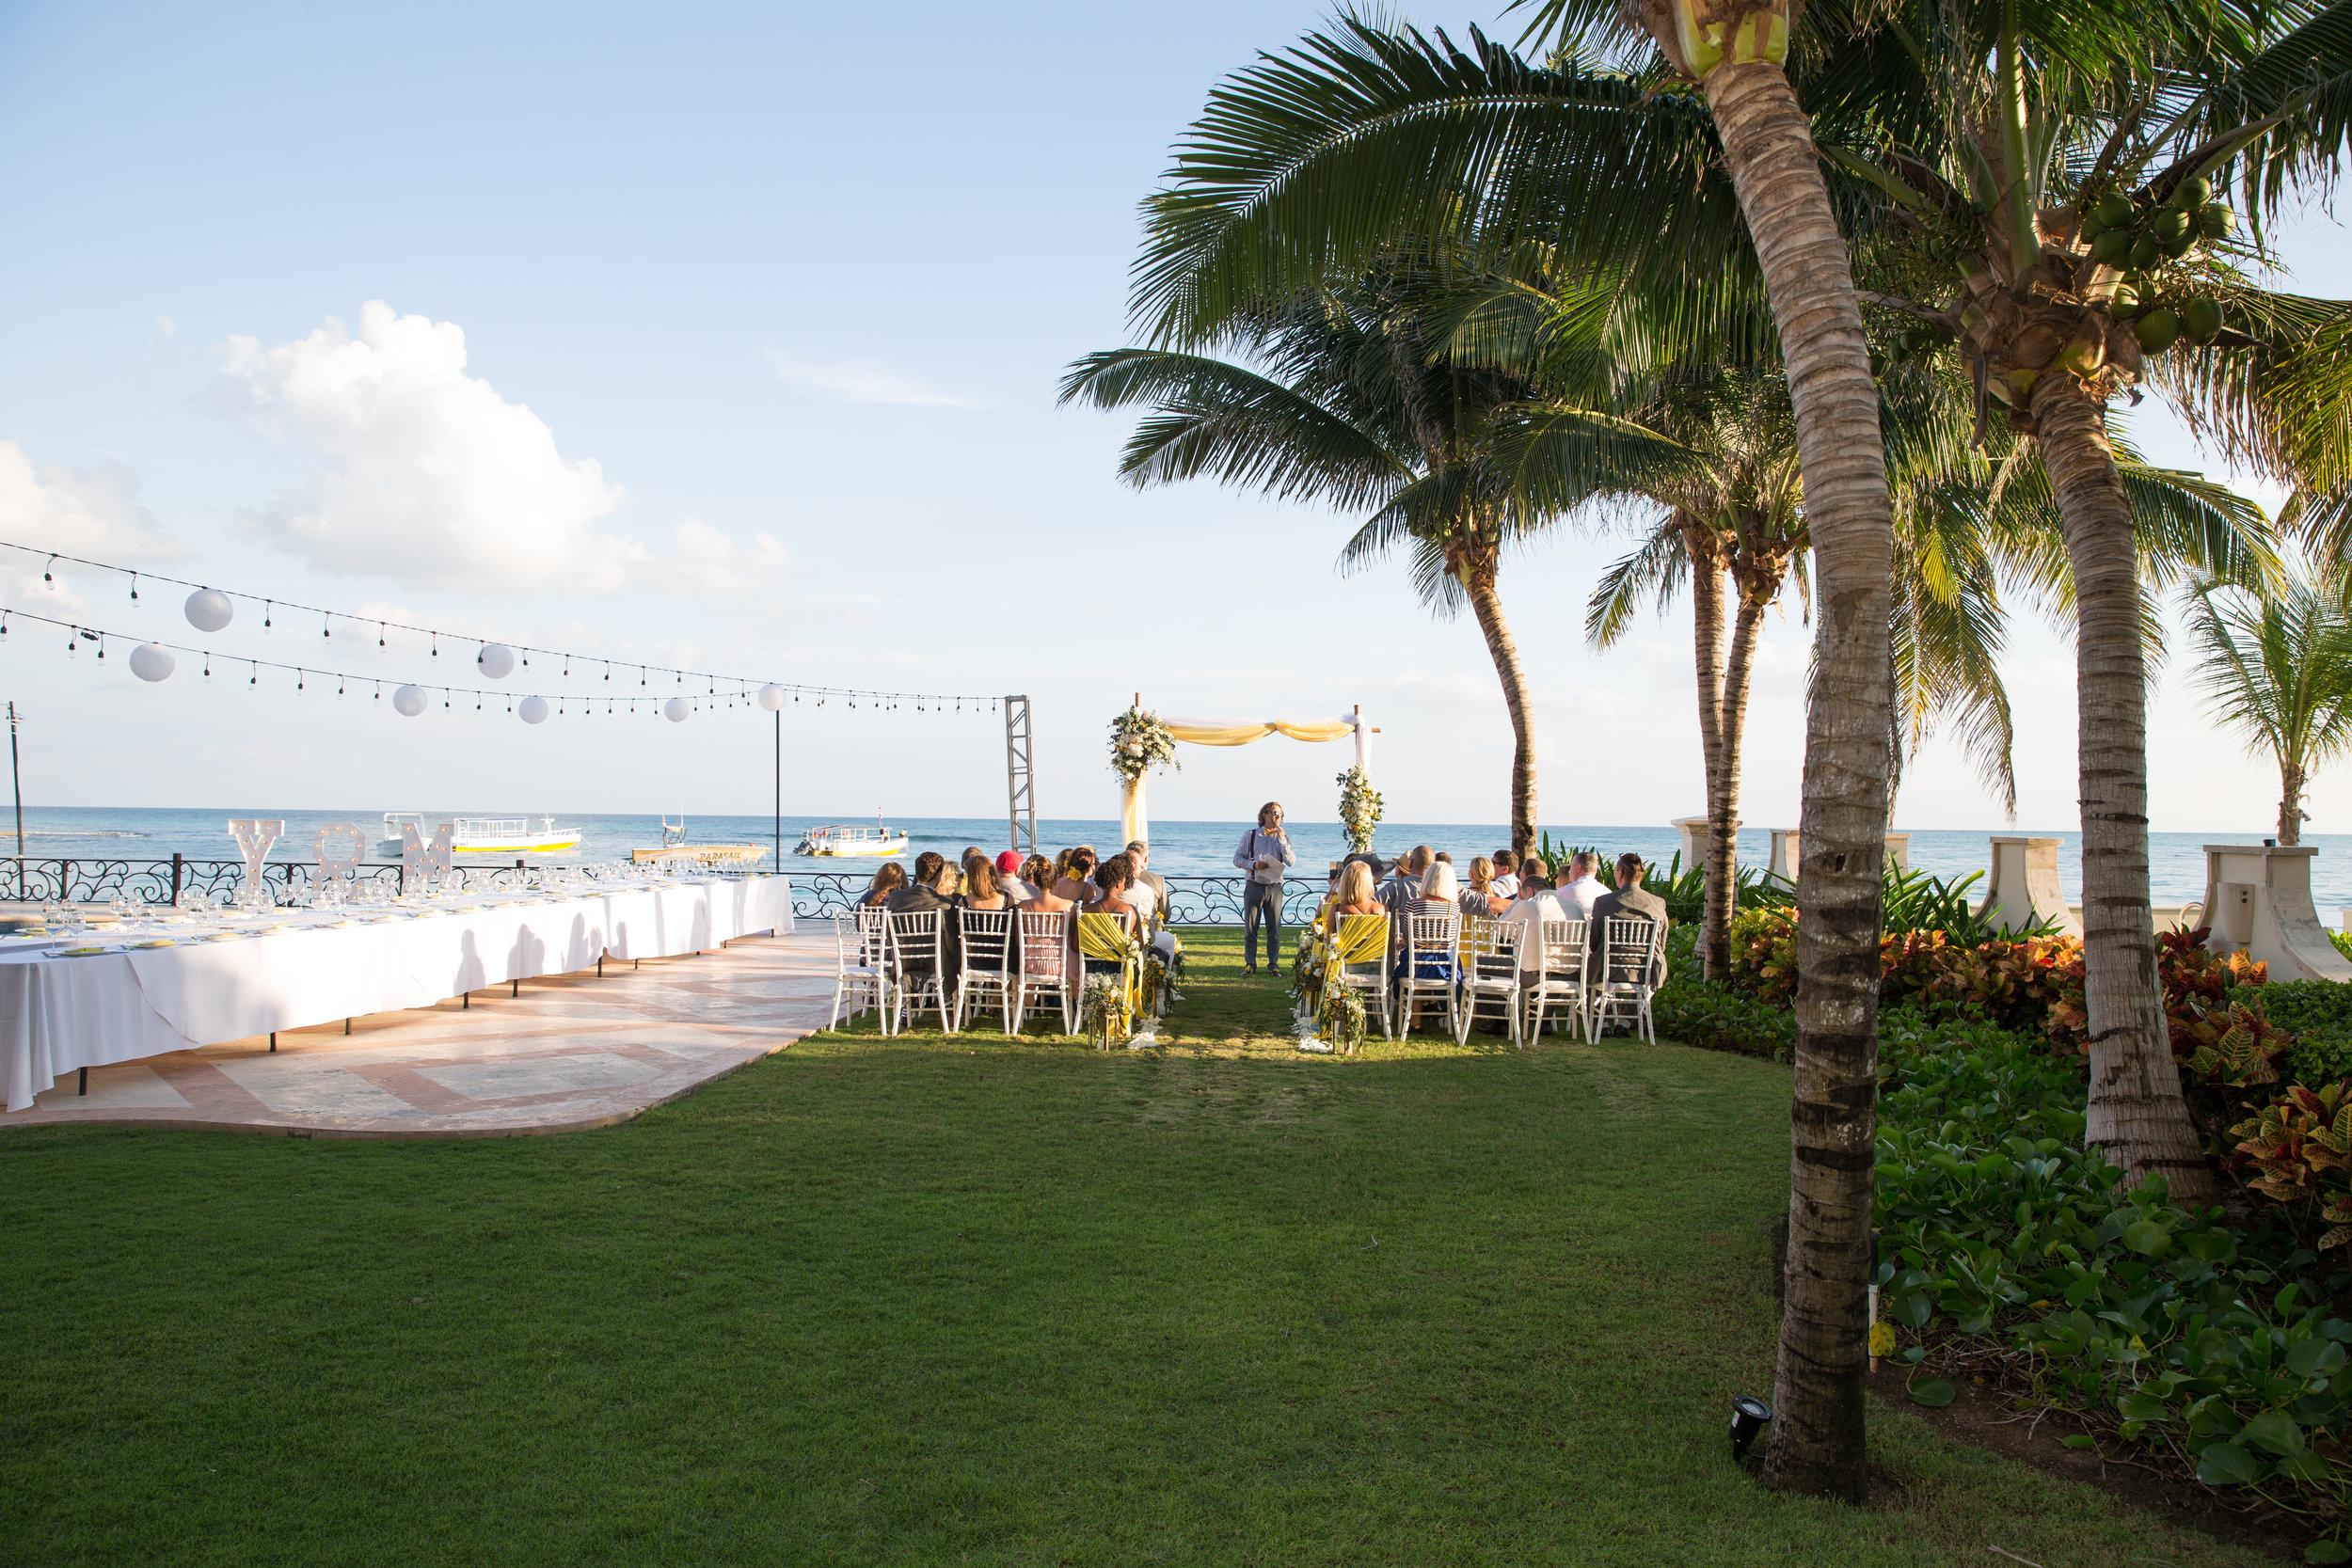 destination-wedding-venue-villa-la-joya-29.jpg